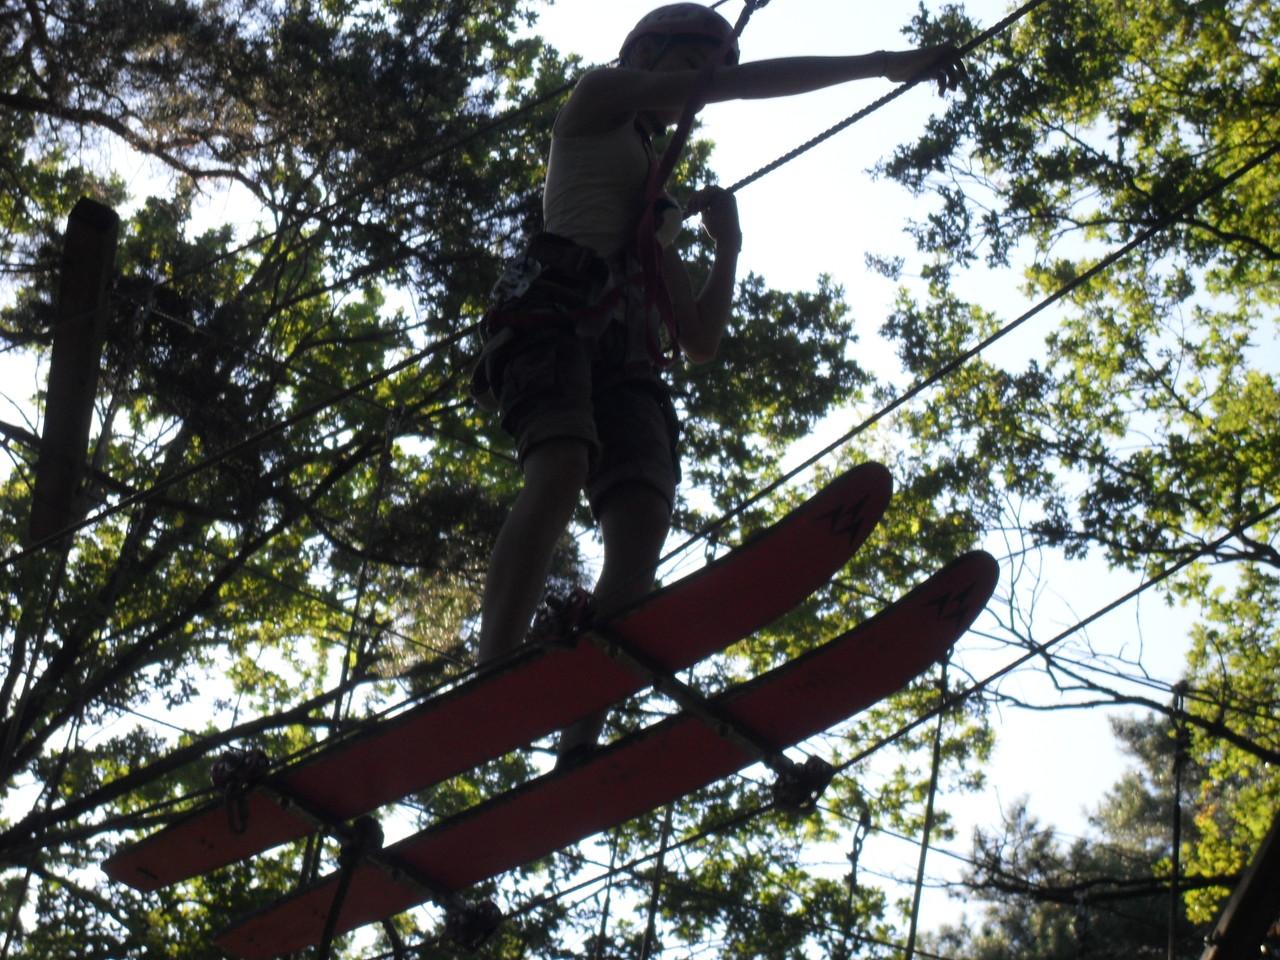 Ski fahren in den Bäumen - wer hätte damit gerechnet ;)